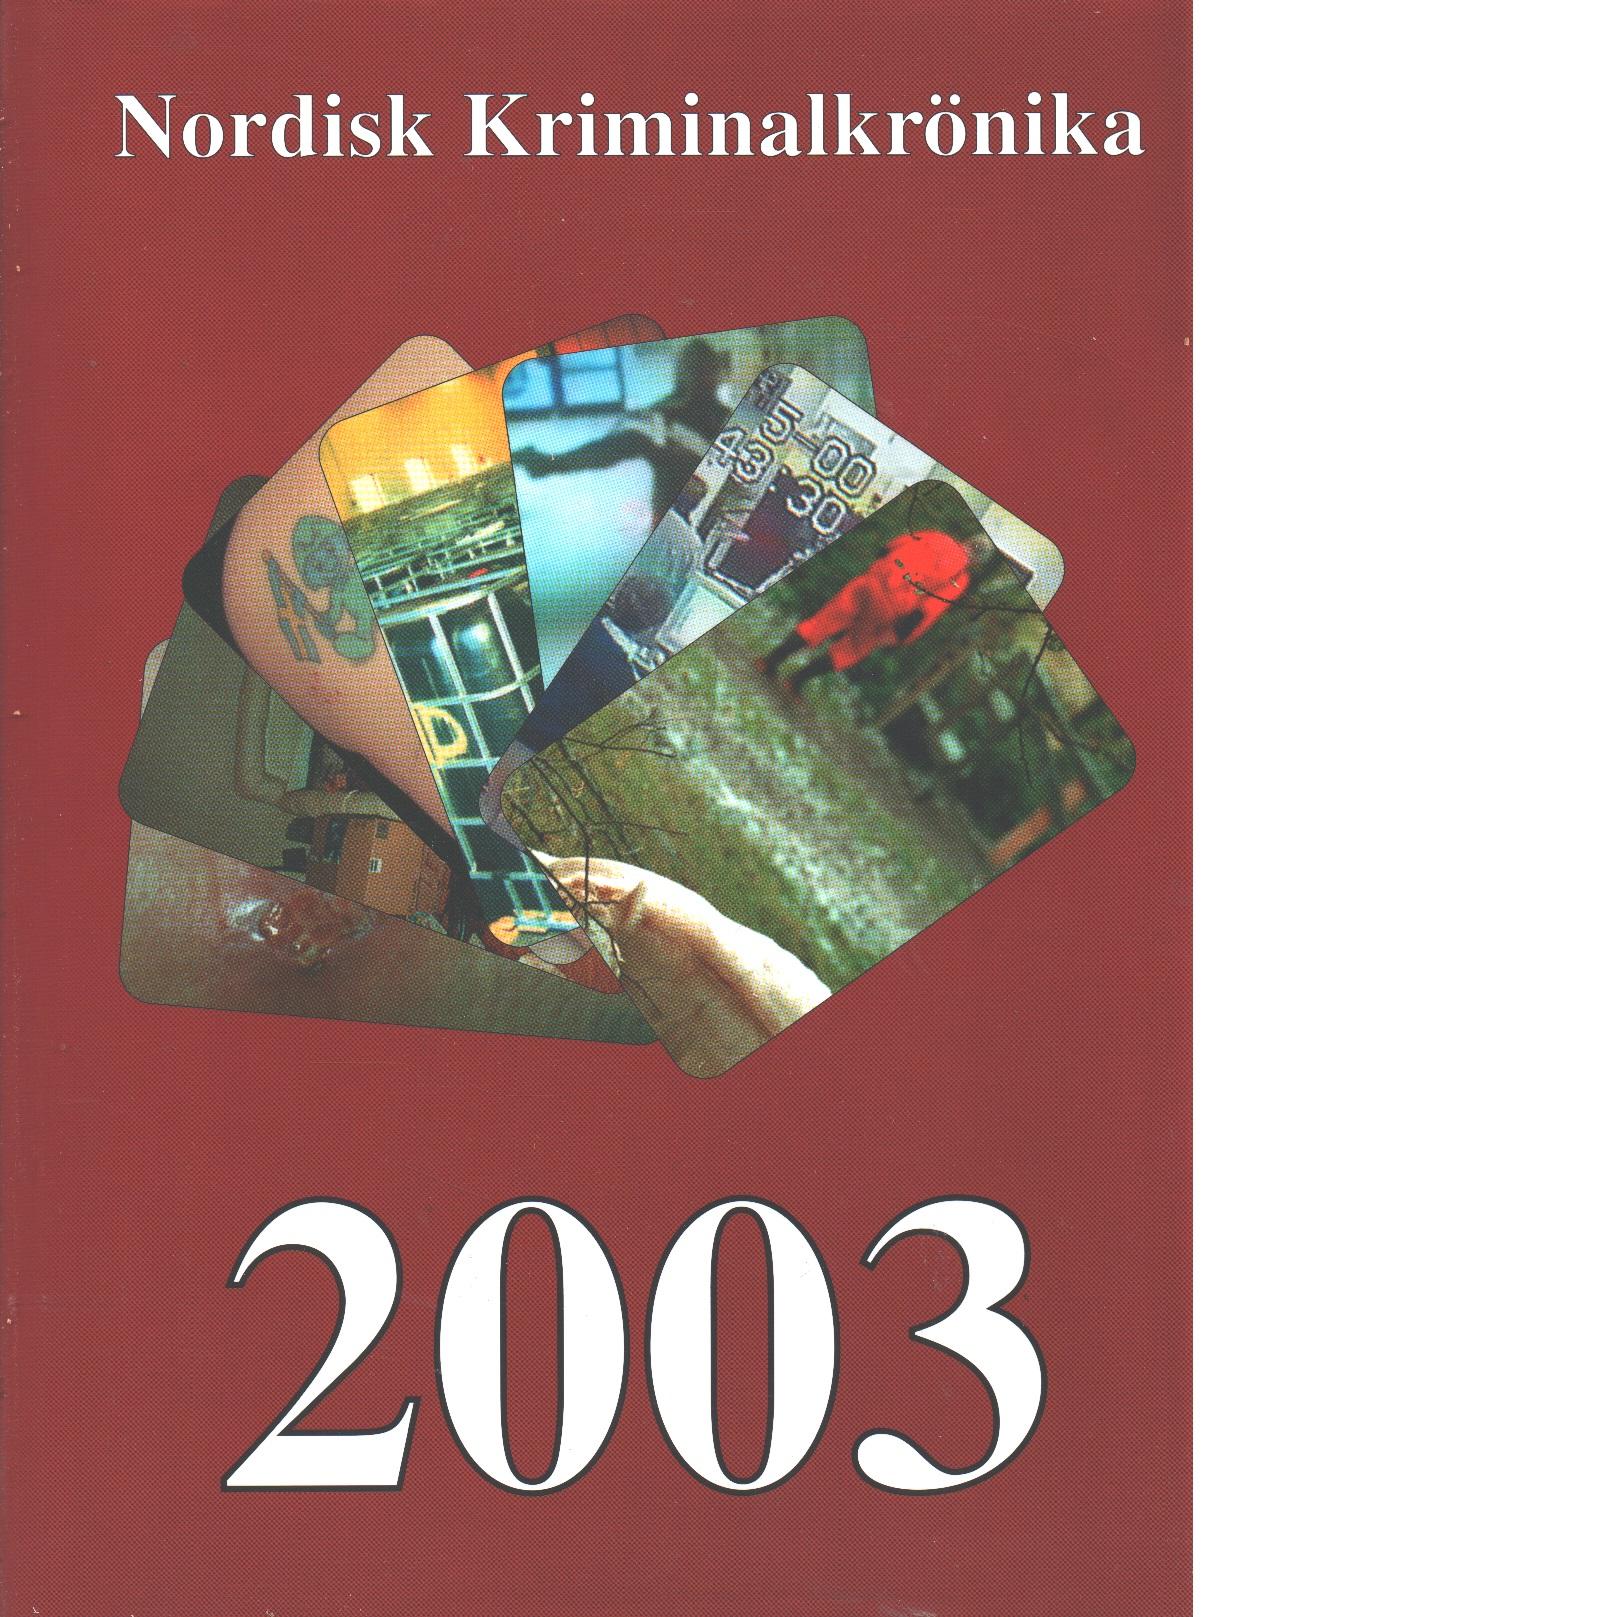 Nordisk kriminalkrönika 2003 - Red. Nordiska polisidrottsförbundet